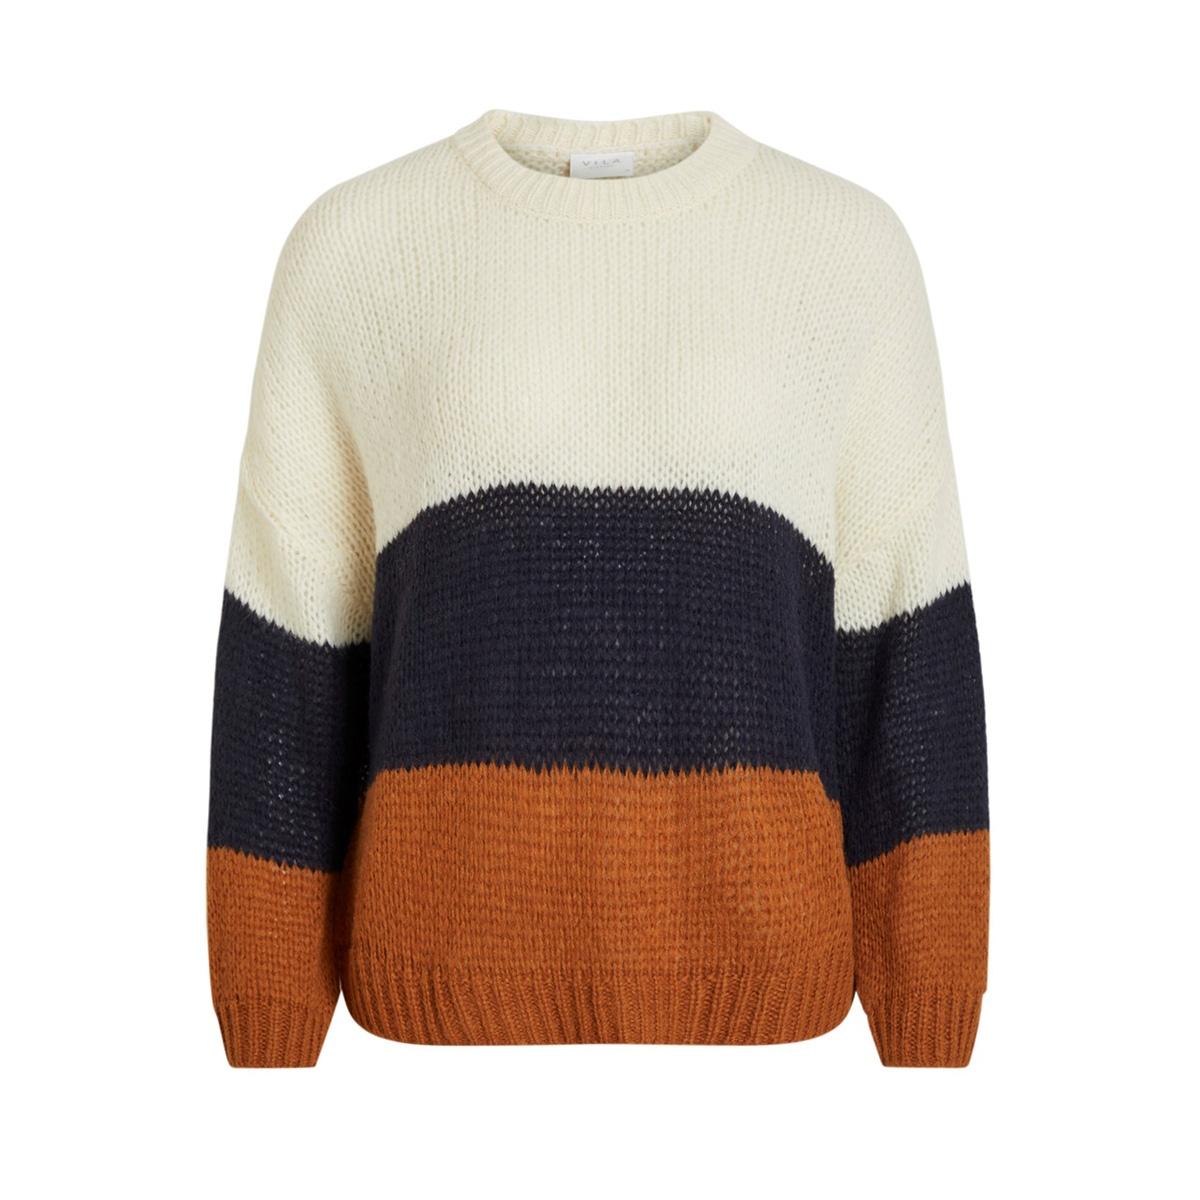 violet l/s knit top 14055307 vila trui cloud dancer/navy blazer